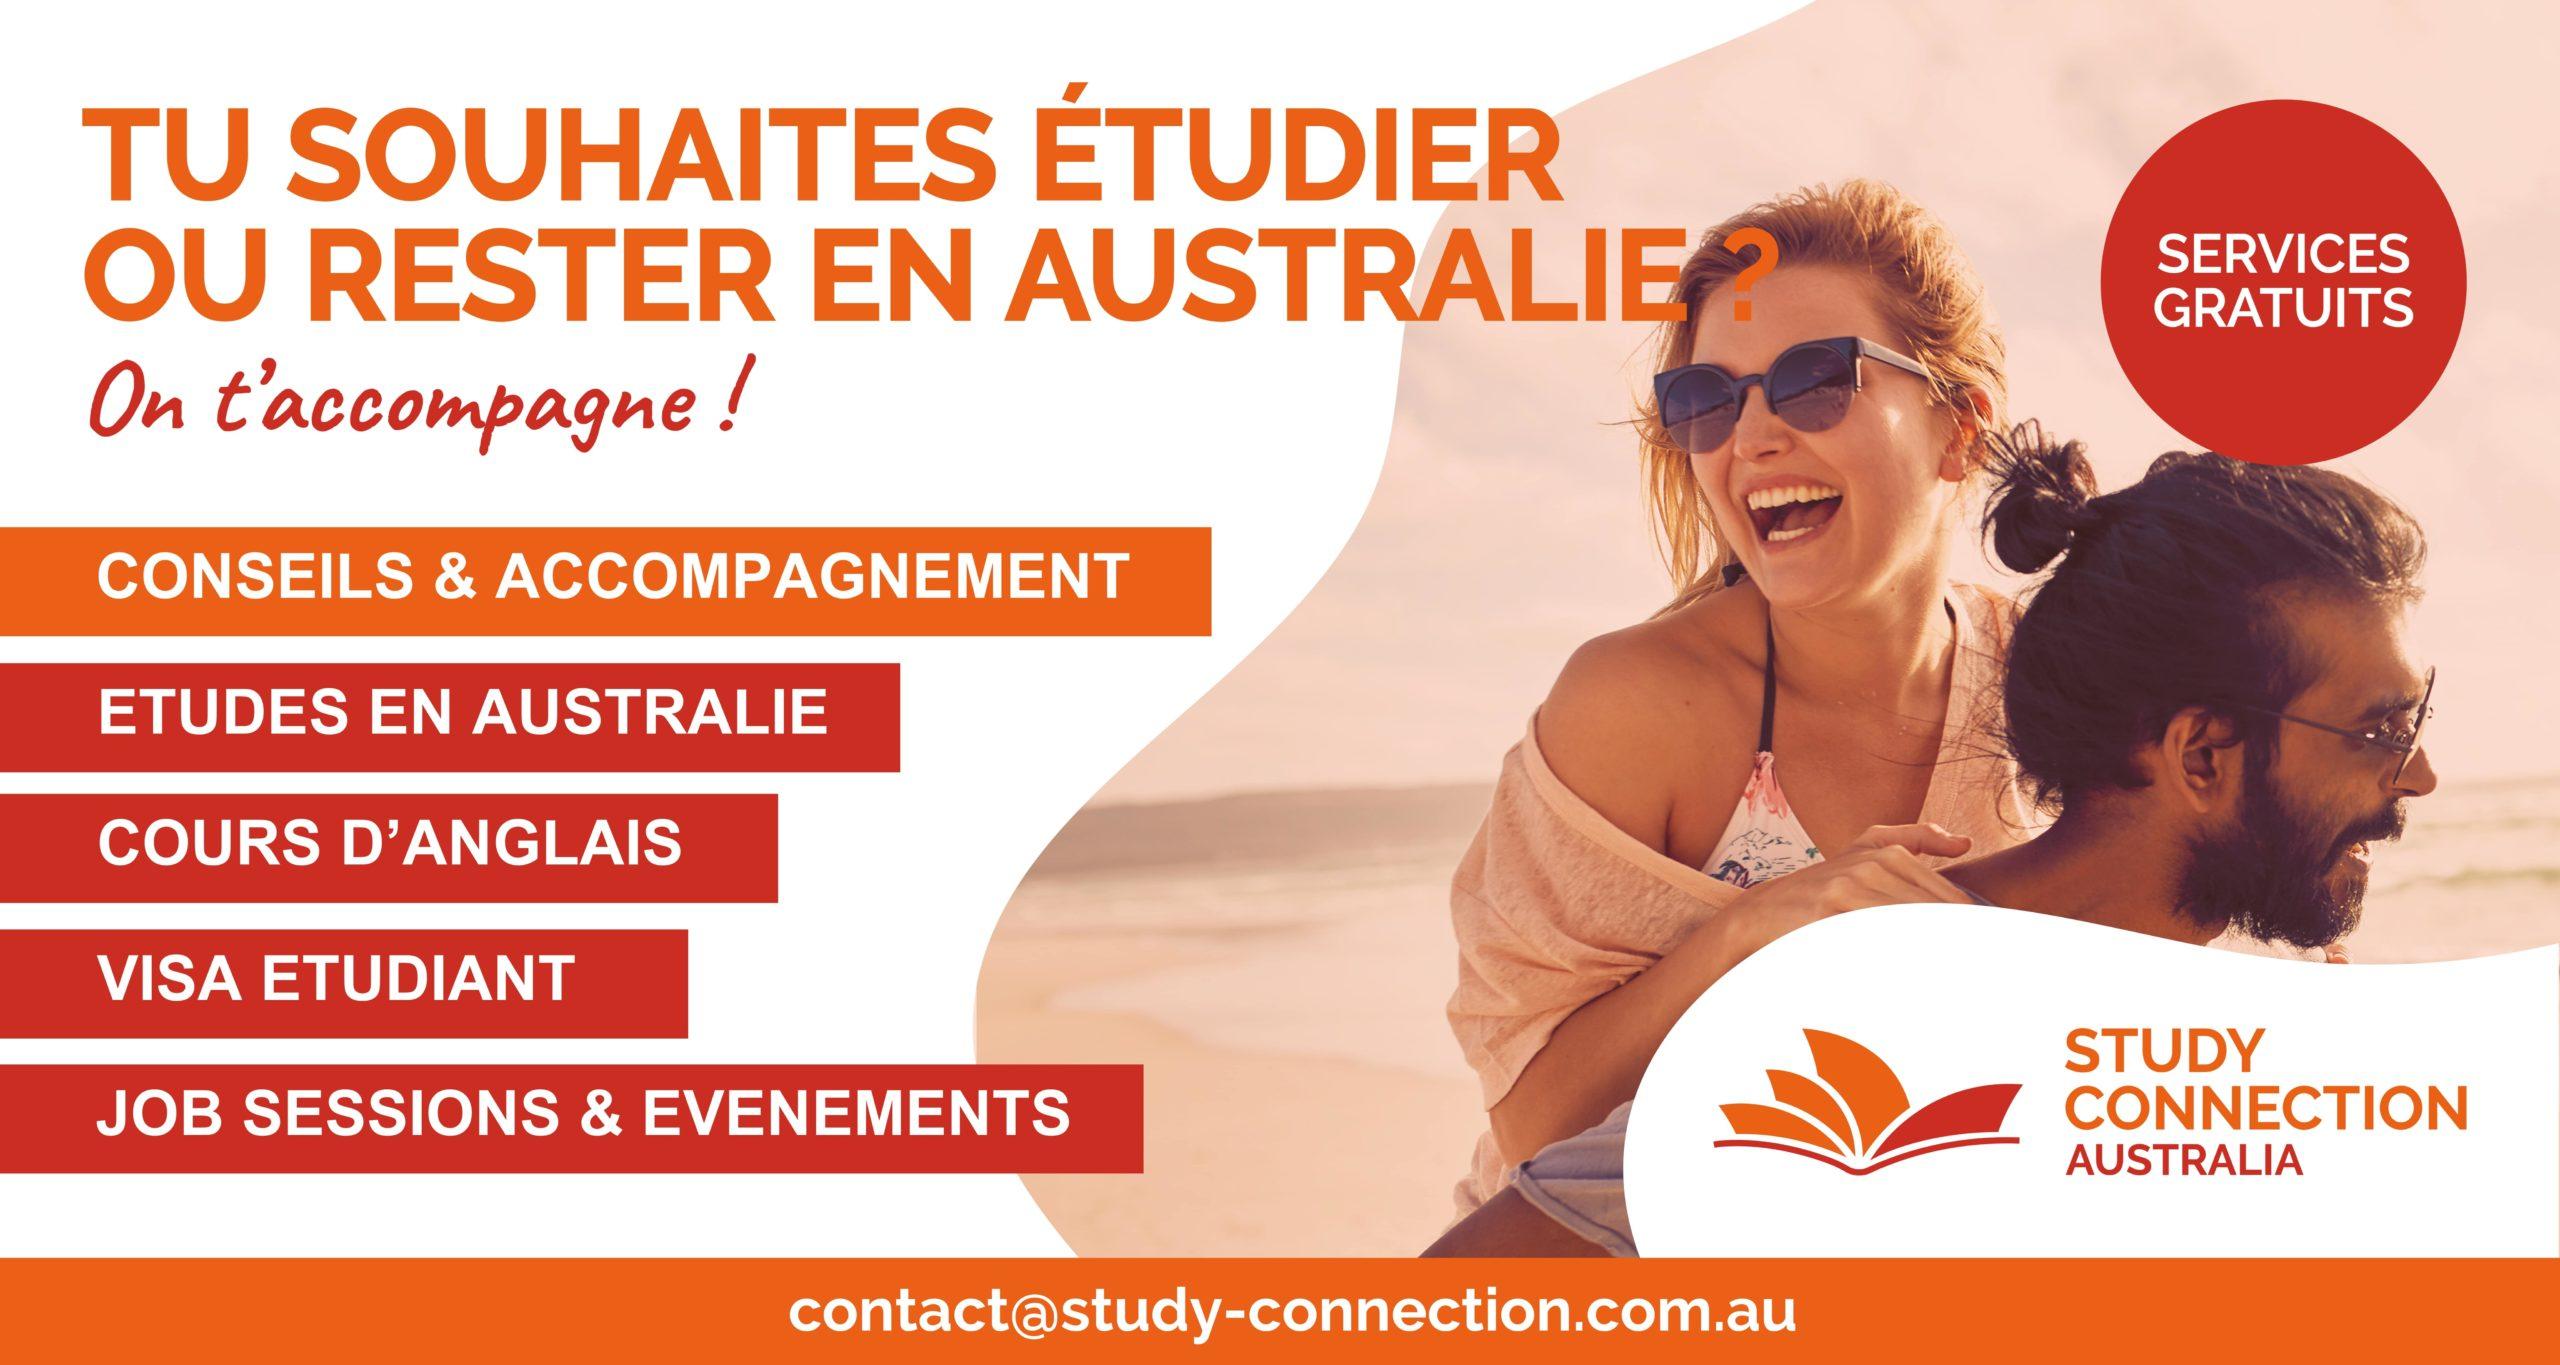 Etudier en Australie , Study Connection Australia